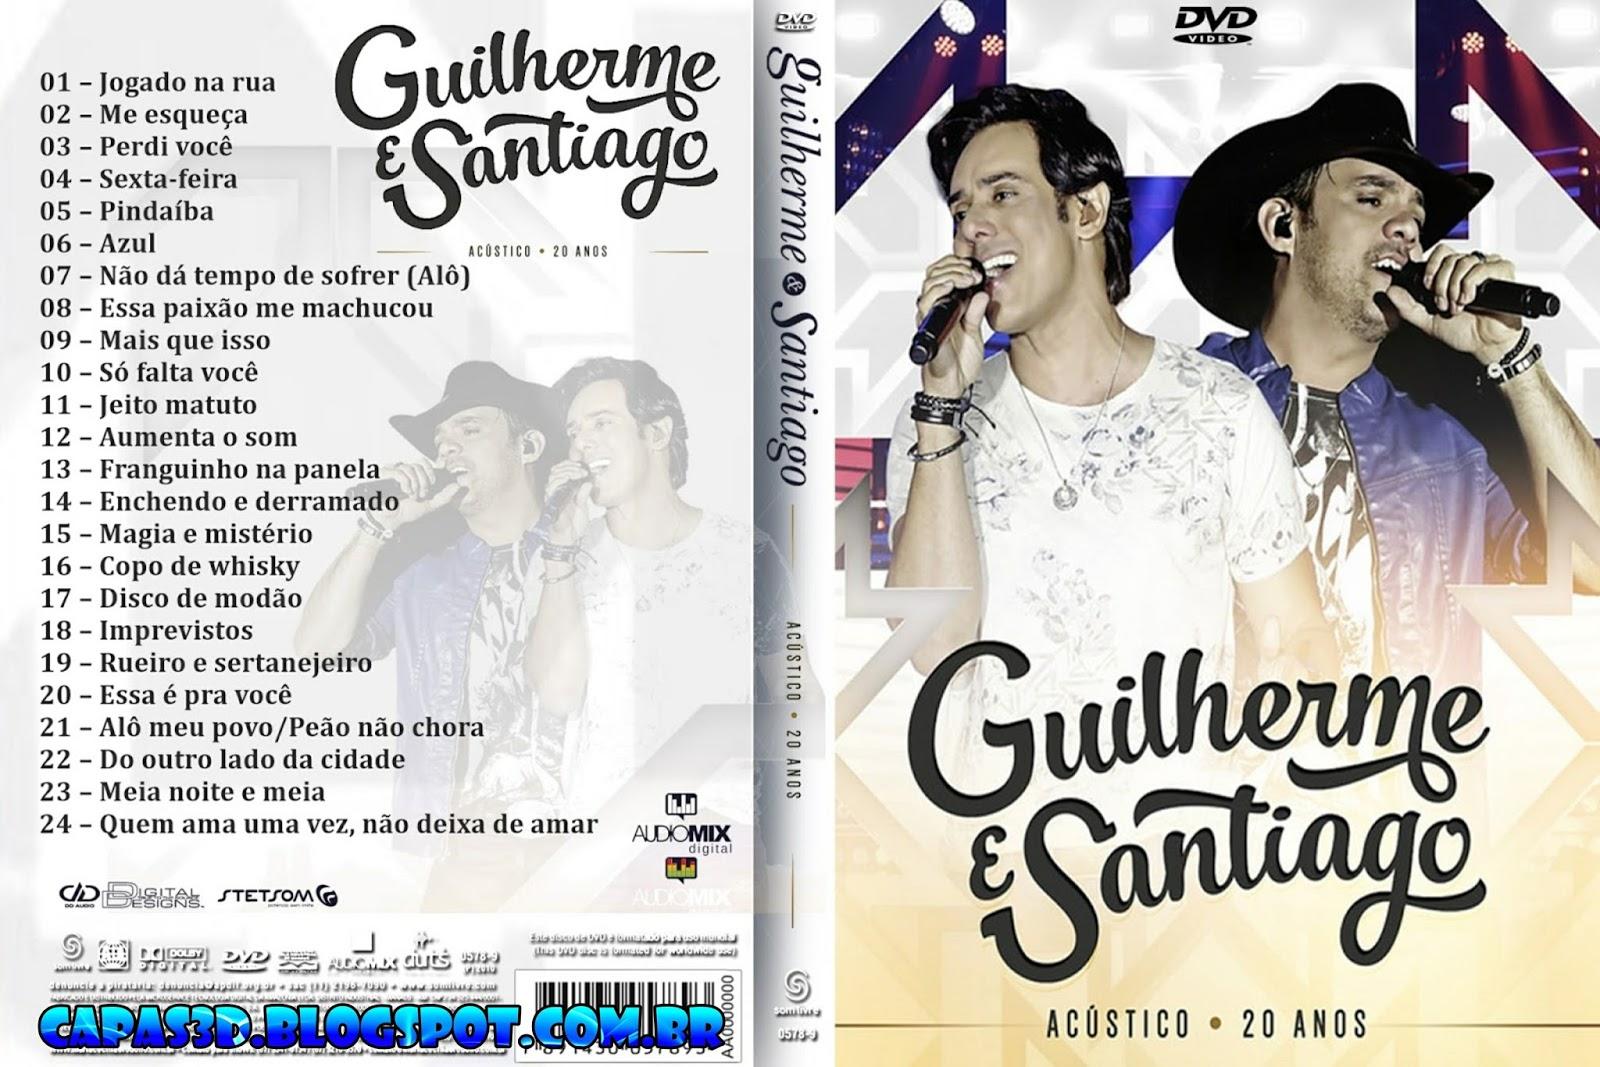 Download Guilherme & Santiago 20 Anos Acústico DVDRip + DVD-R